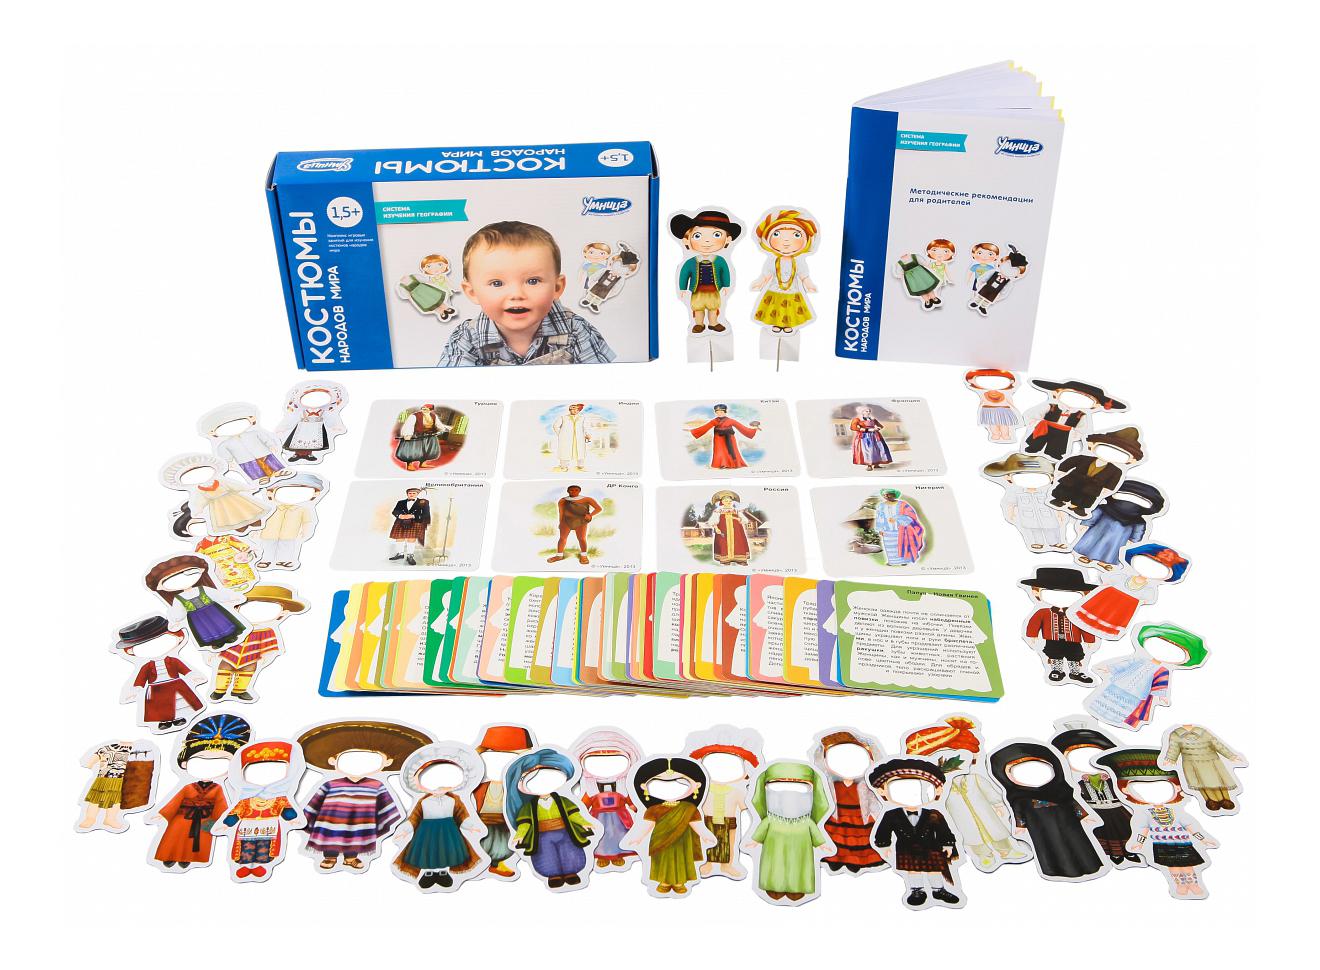 Купить Комплект карточек Костюмы народов мира, Комплект карточек Умница Костюмы народов мира, Развивающие игрушки